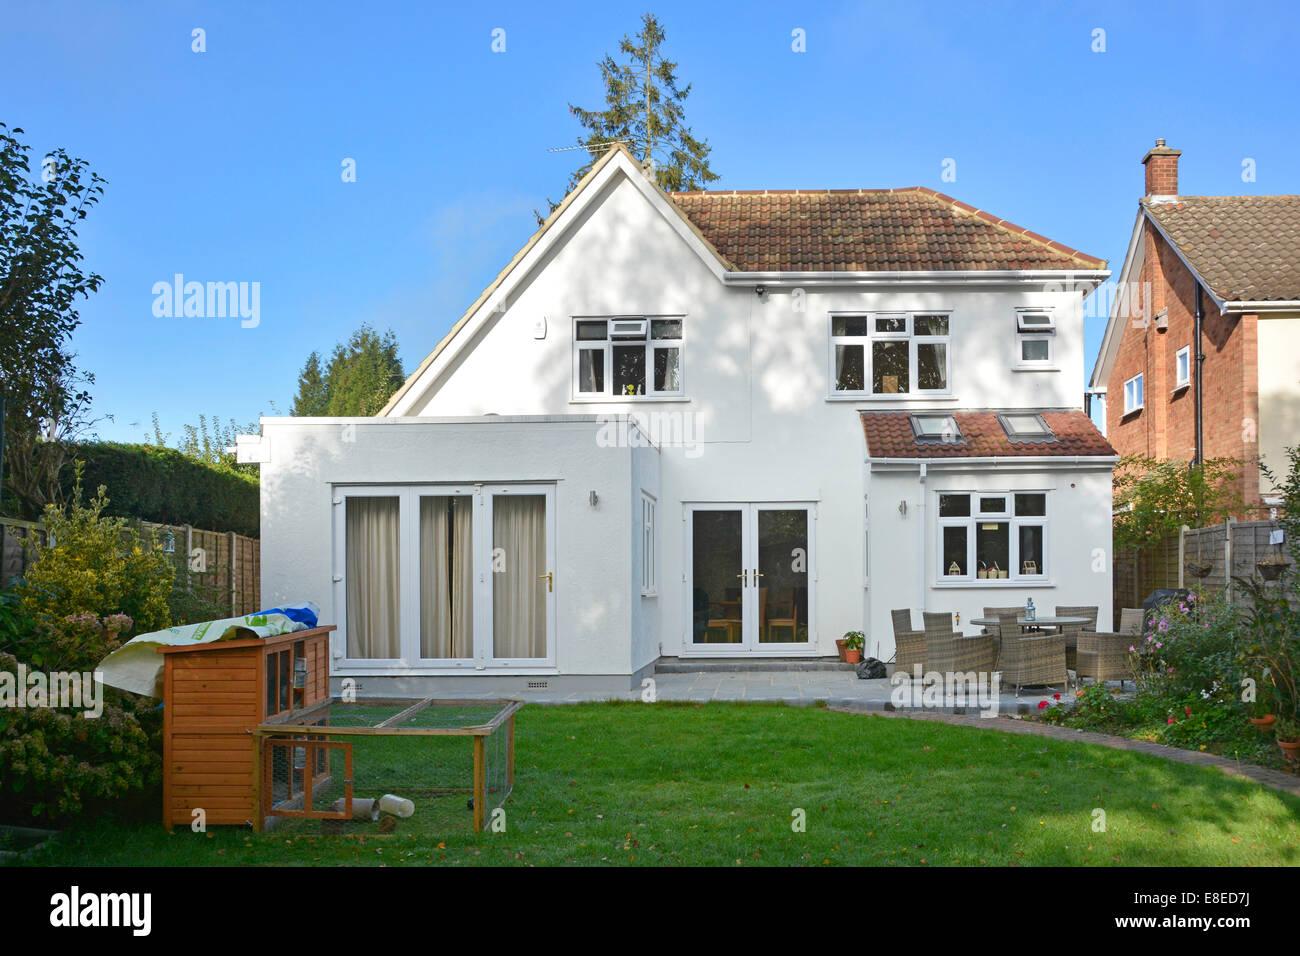 Terminé deux étages maison individuelle extension latérale de toit fonctionne & patio jardin Photo Stock